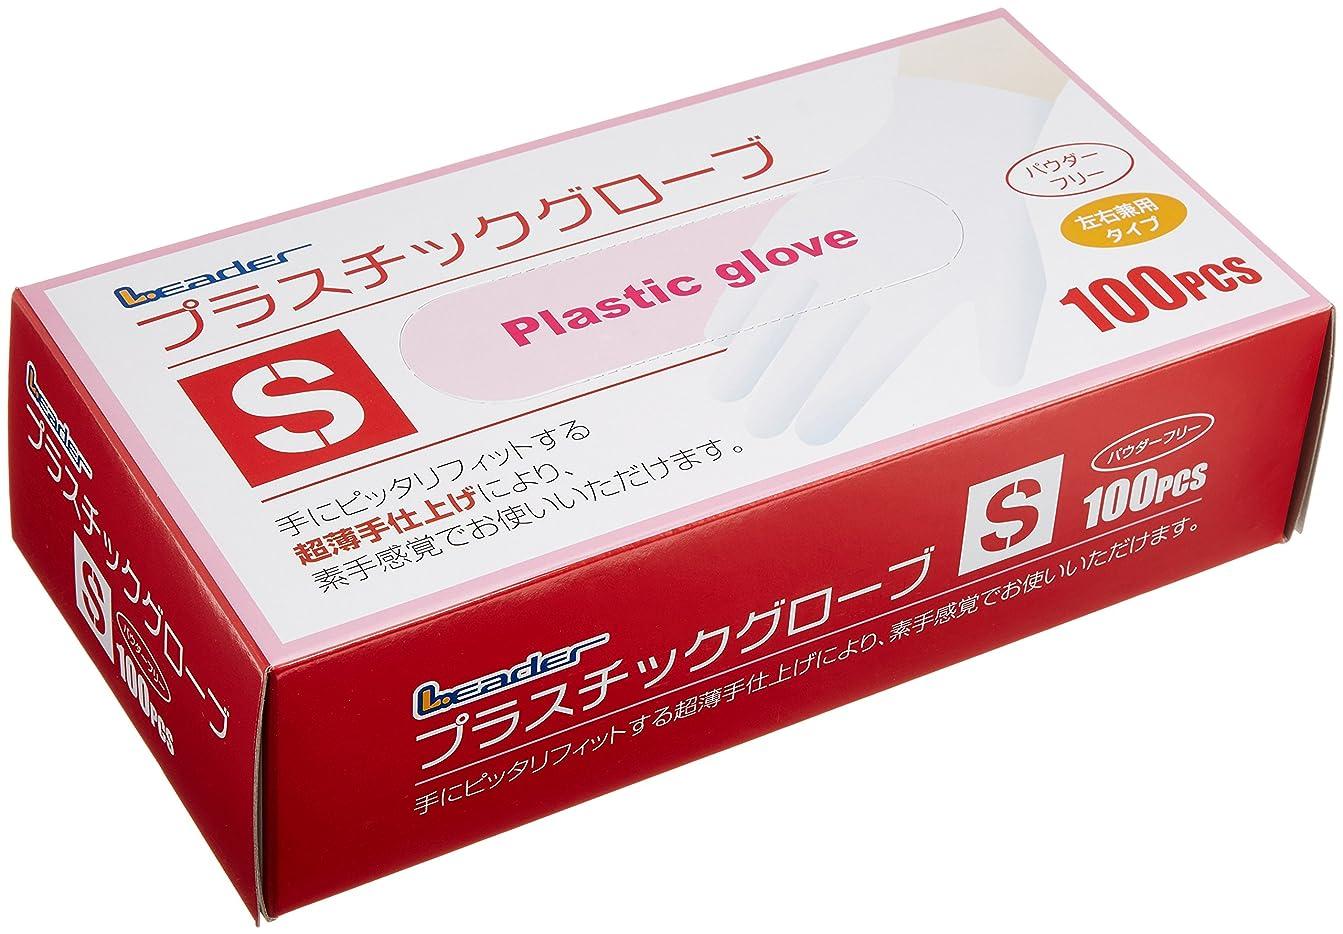 行列分数感染するリーダー プラスチックグローブ Sサイズ 100枚入